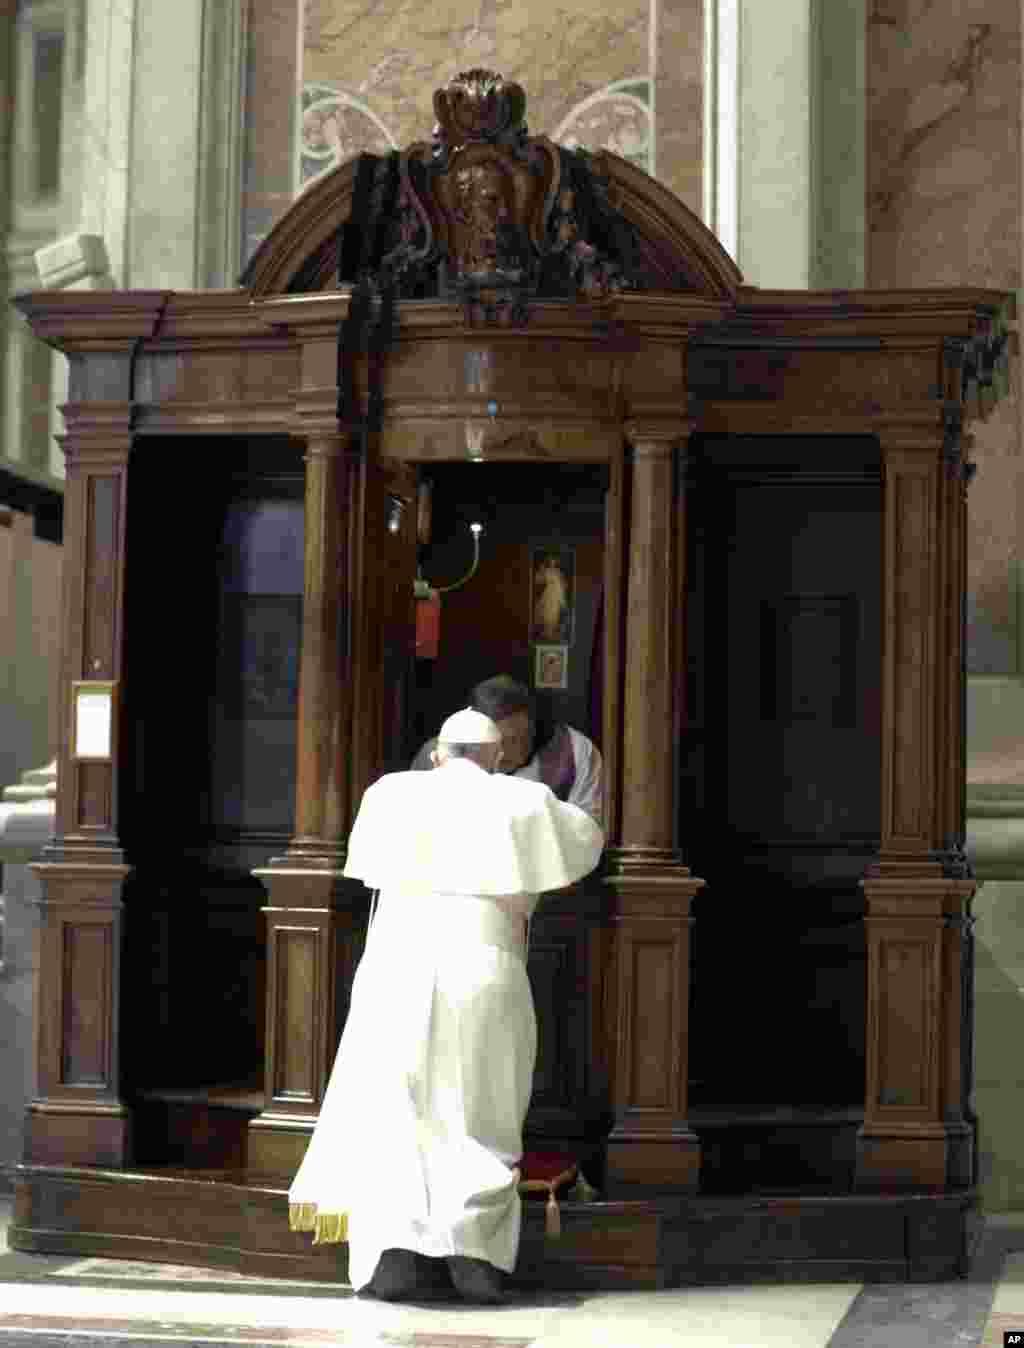 پاپ فرانسیس برای شنیدن اعتراف یک کشیش وارد اتاقک مخصوص می شود.